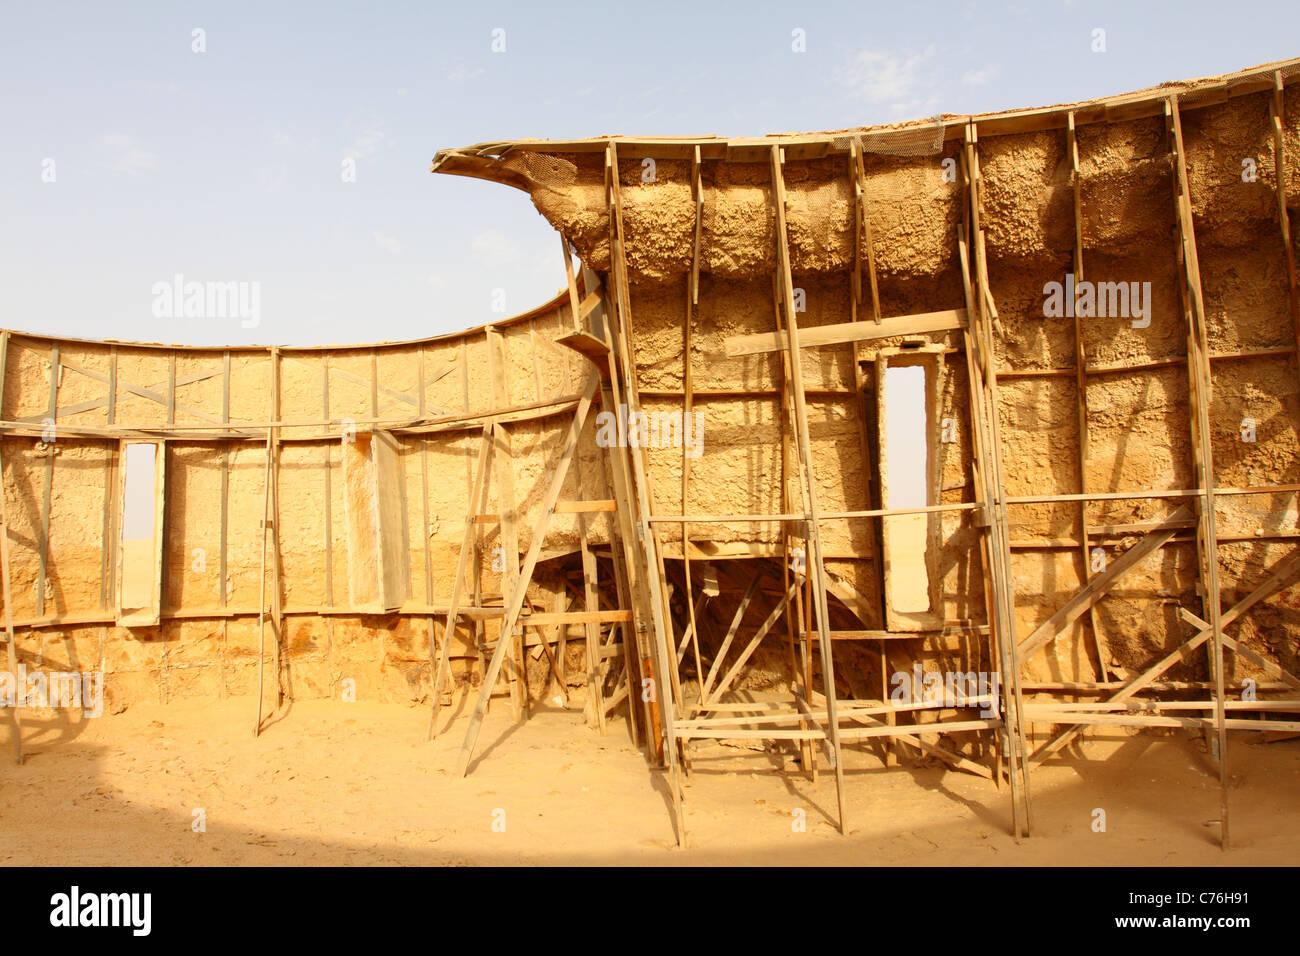 Die Kulisse für den Film Star Wars in Tunesien Stockbild